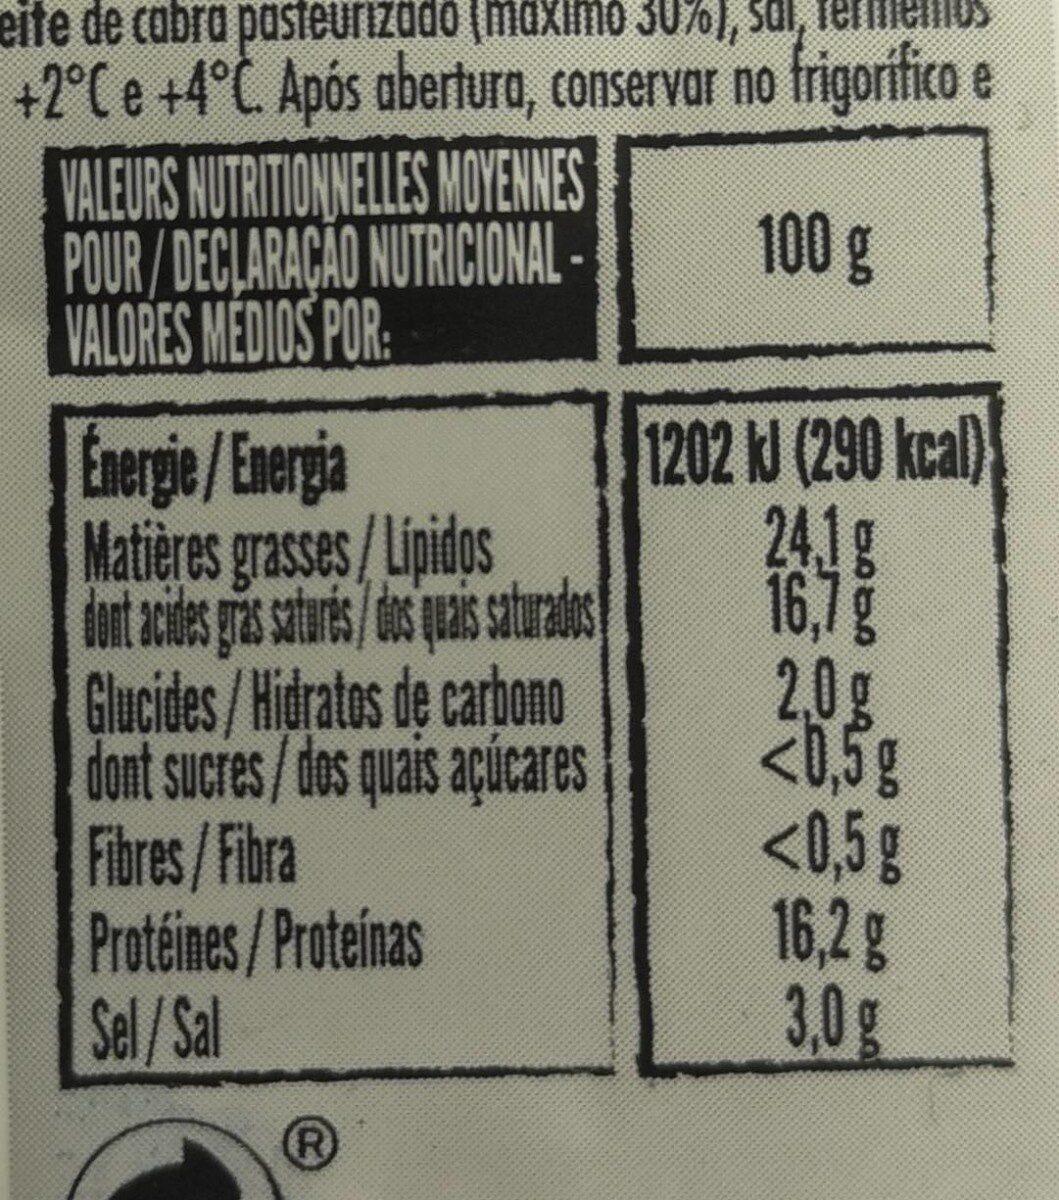 Feta grecque - Voedingswaarden - fr